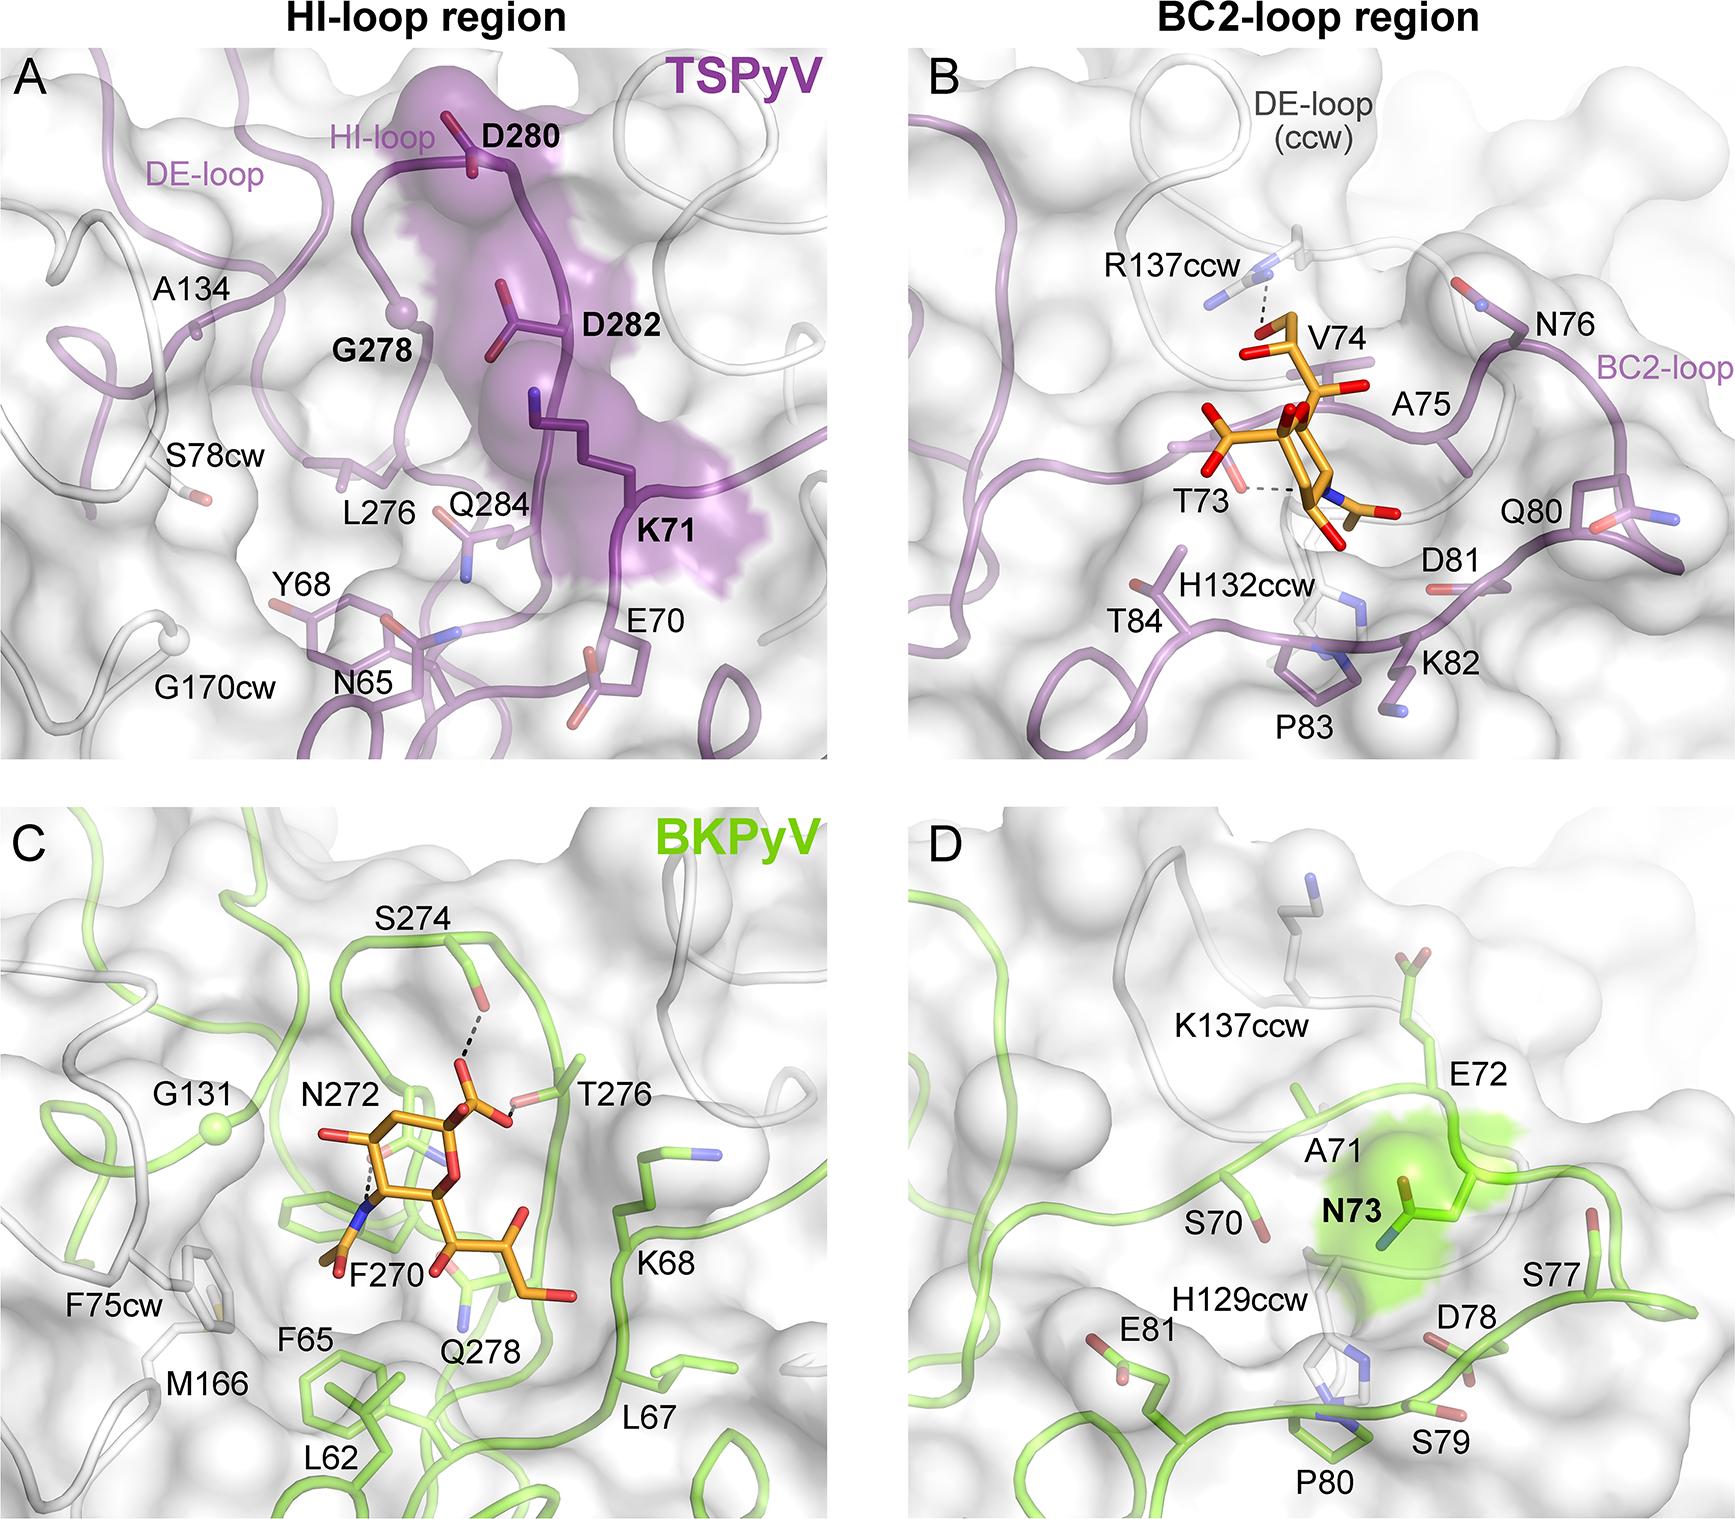 Comparison of the Neu5Ac binding sites of HI- loop and BC2- loop regions.